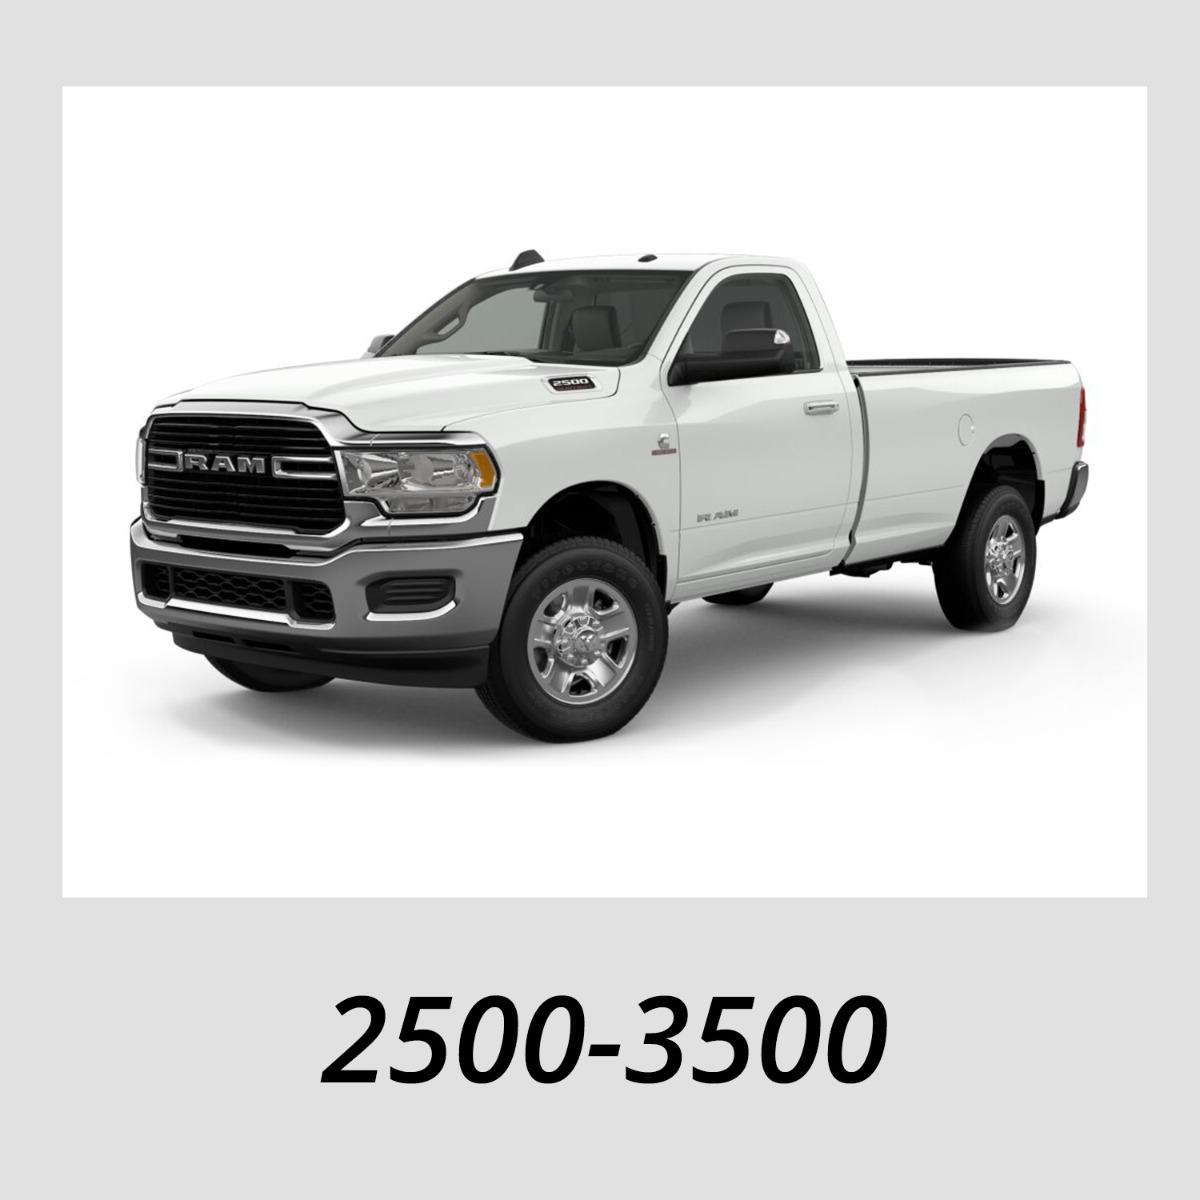 Ram 2500/3500